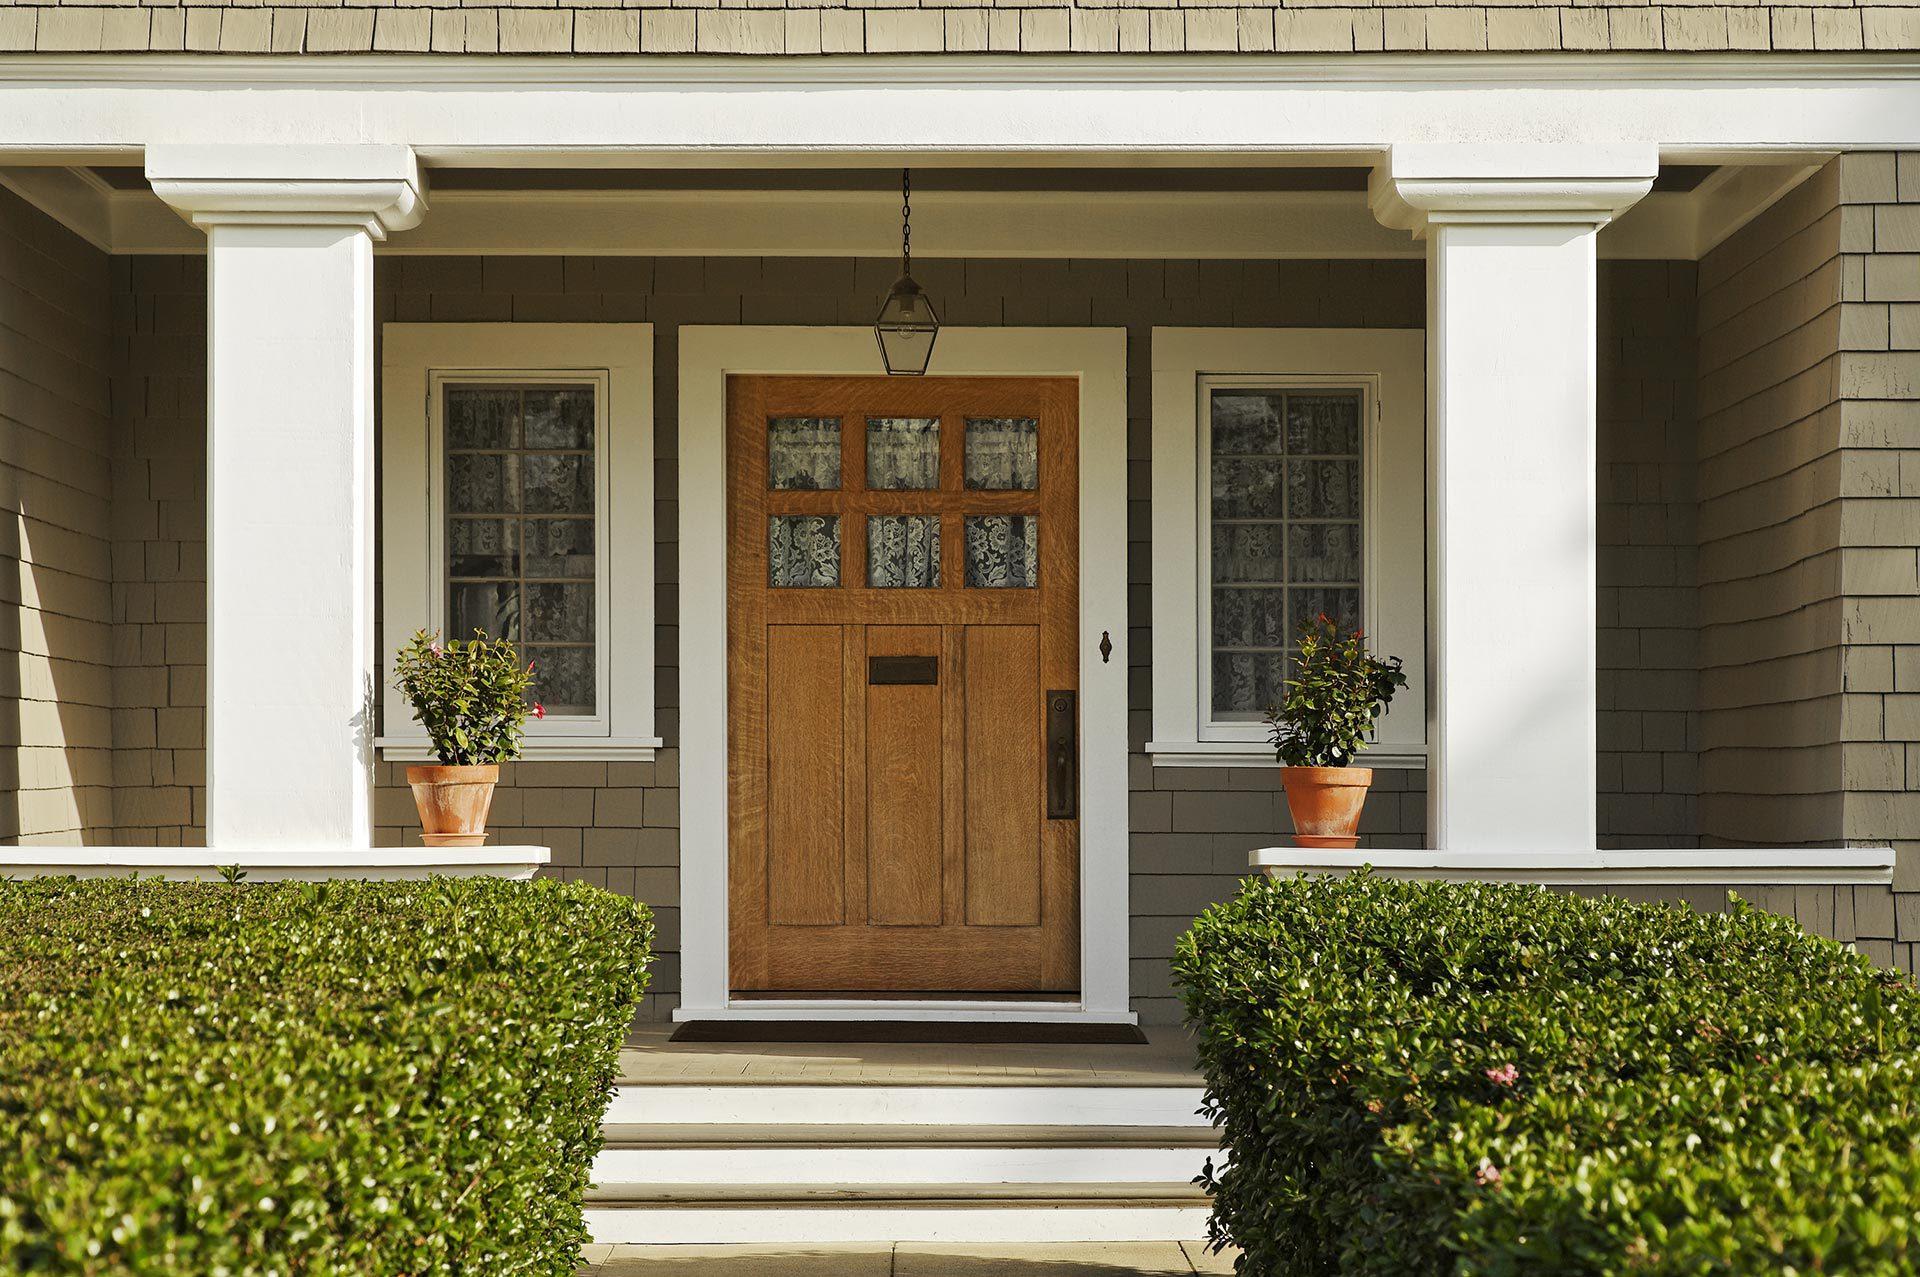 1277 #505B13 Coney Garage Door Conway & Little Rock Garage Door Repair save image Ab Garage Doors 36471920